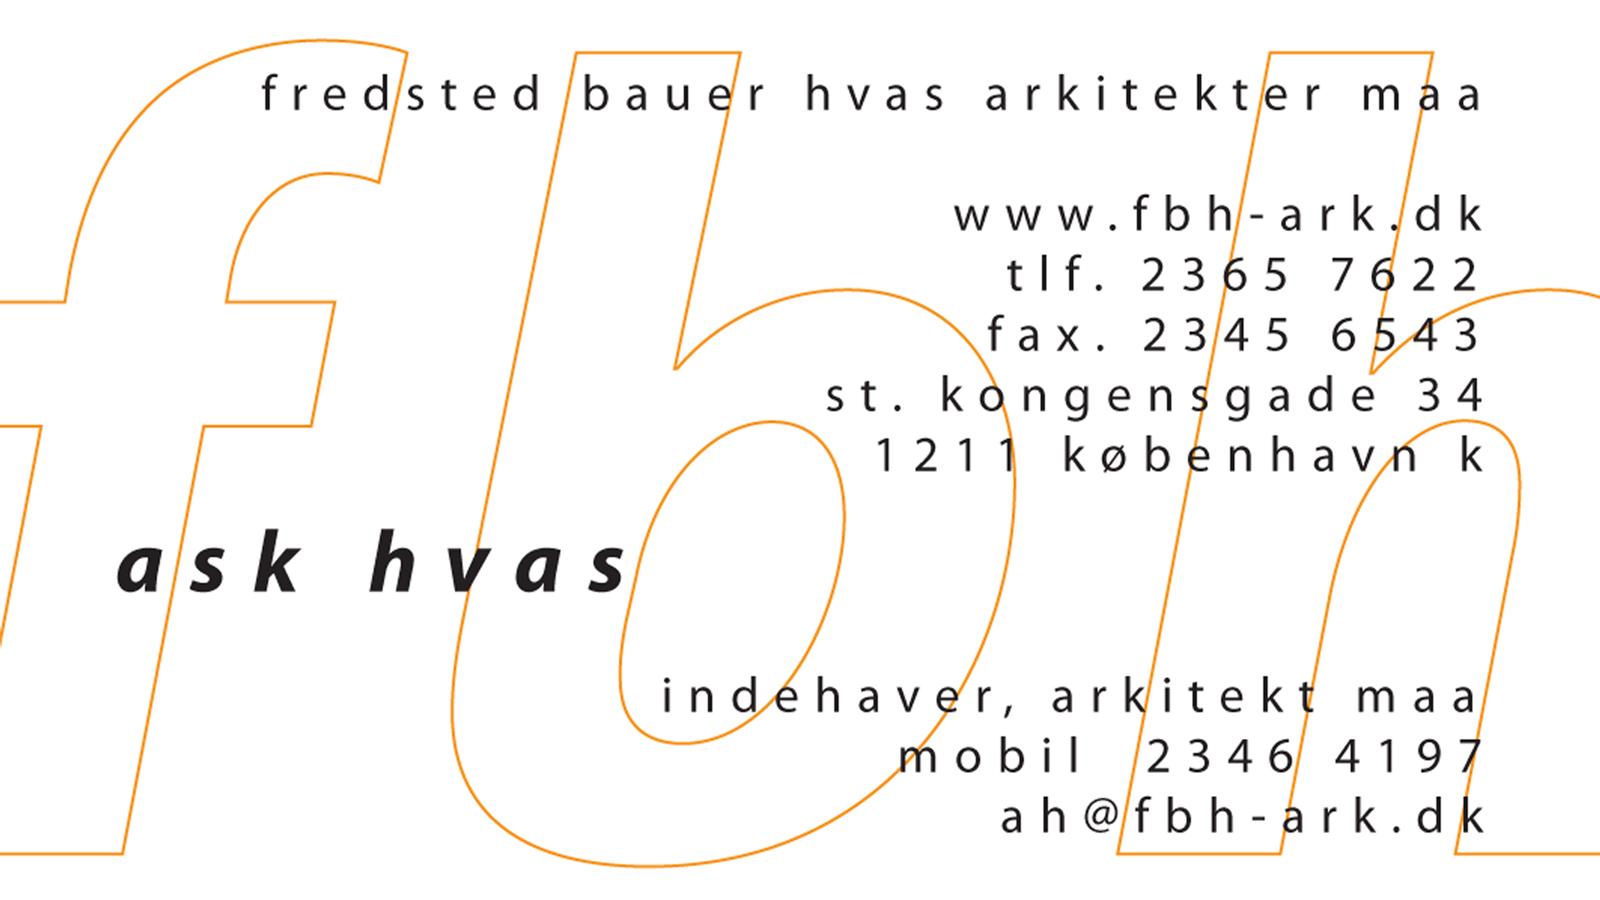 09-fbh-arkitekter-visitkort-90x50,8-14032006